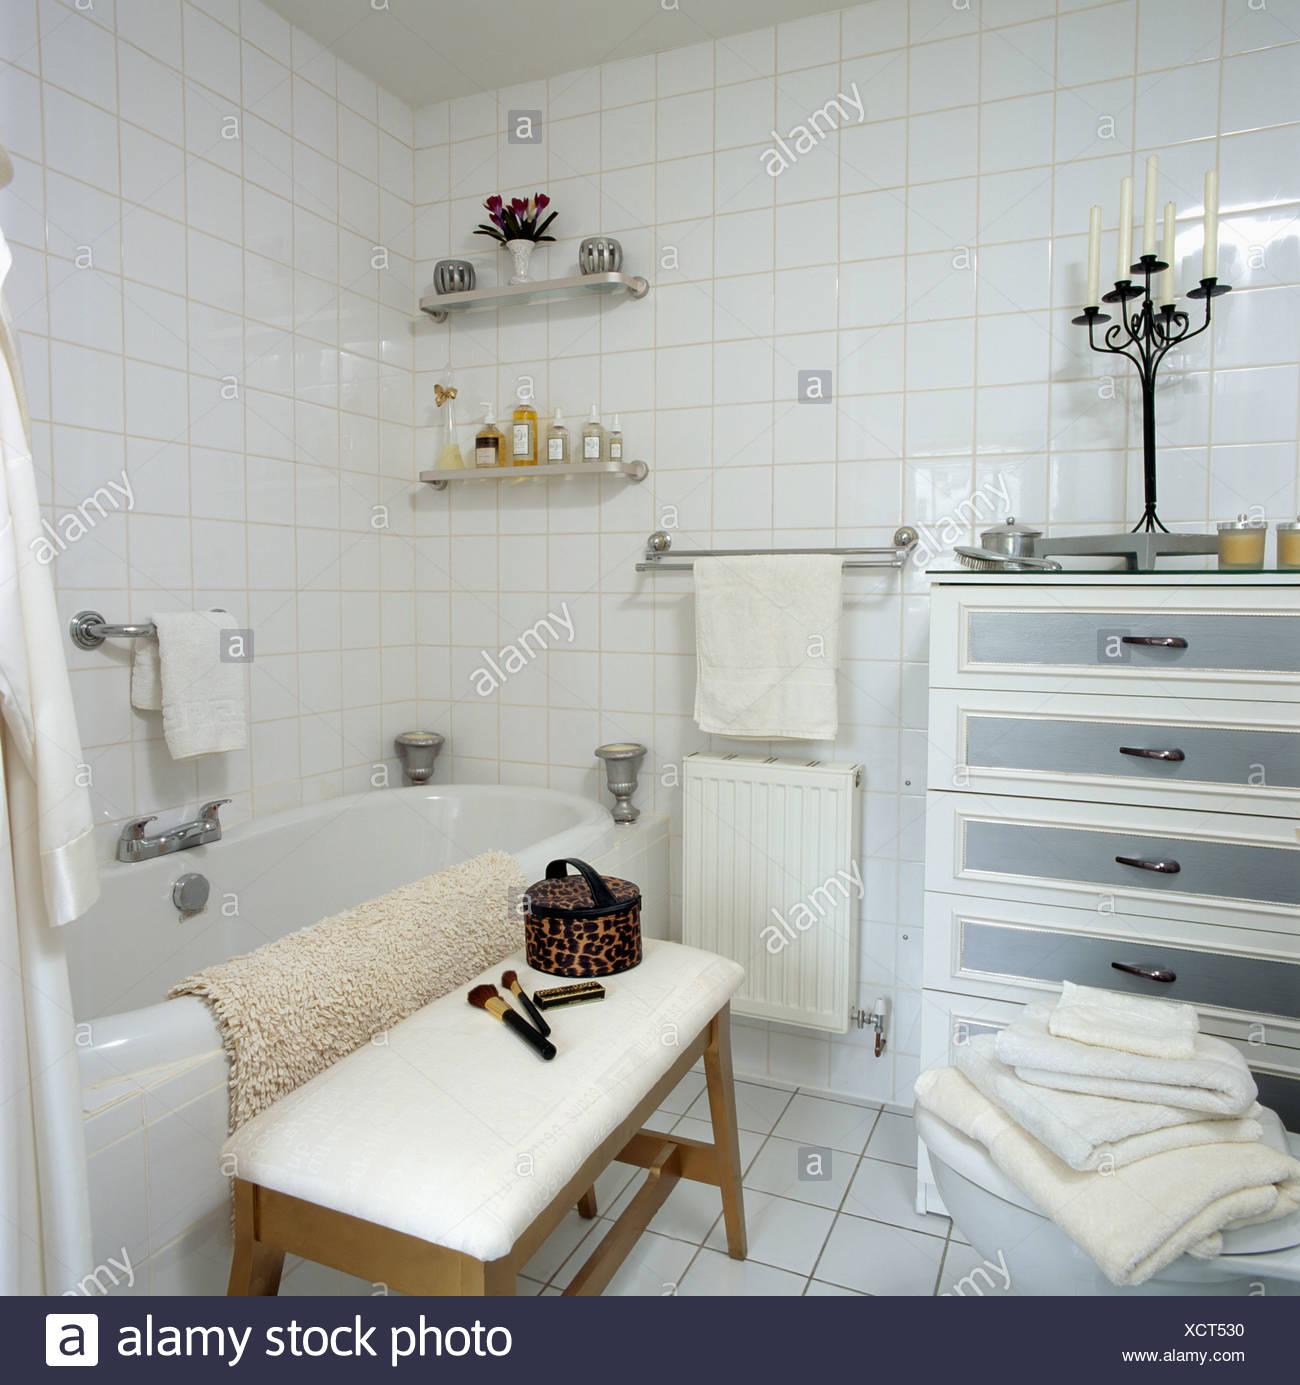 Weiß geflieste Badezimmer mit kleinen Kommode und gepolsterten ...